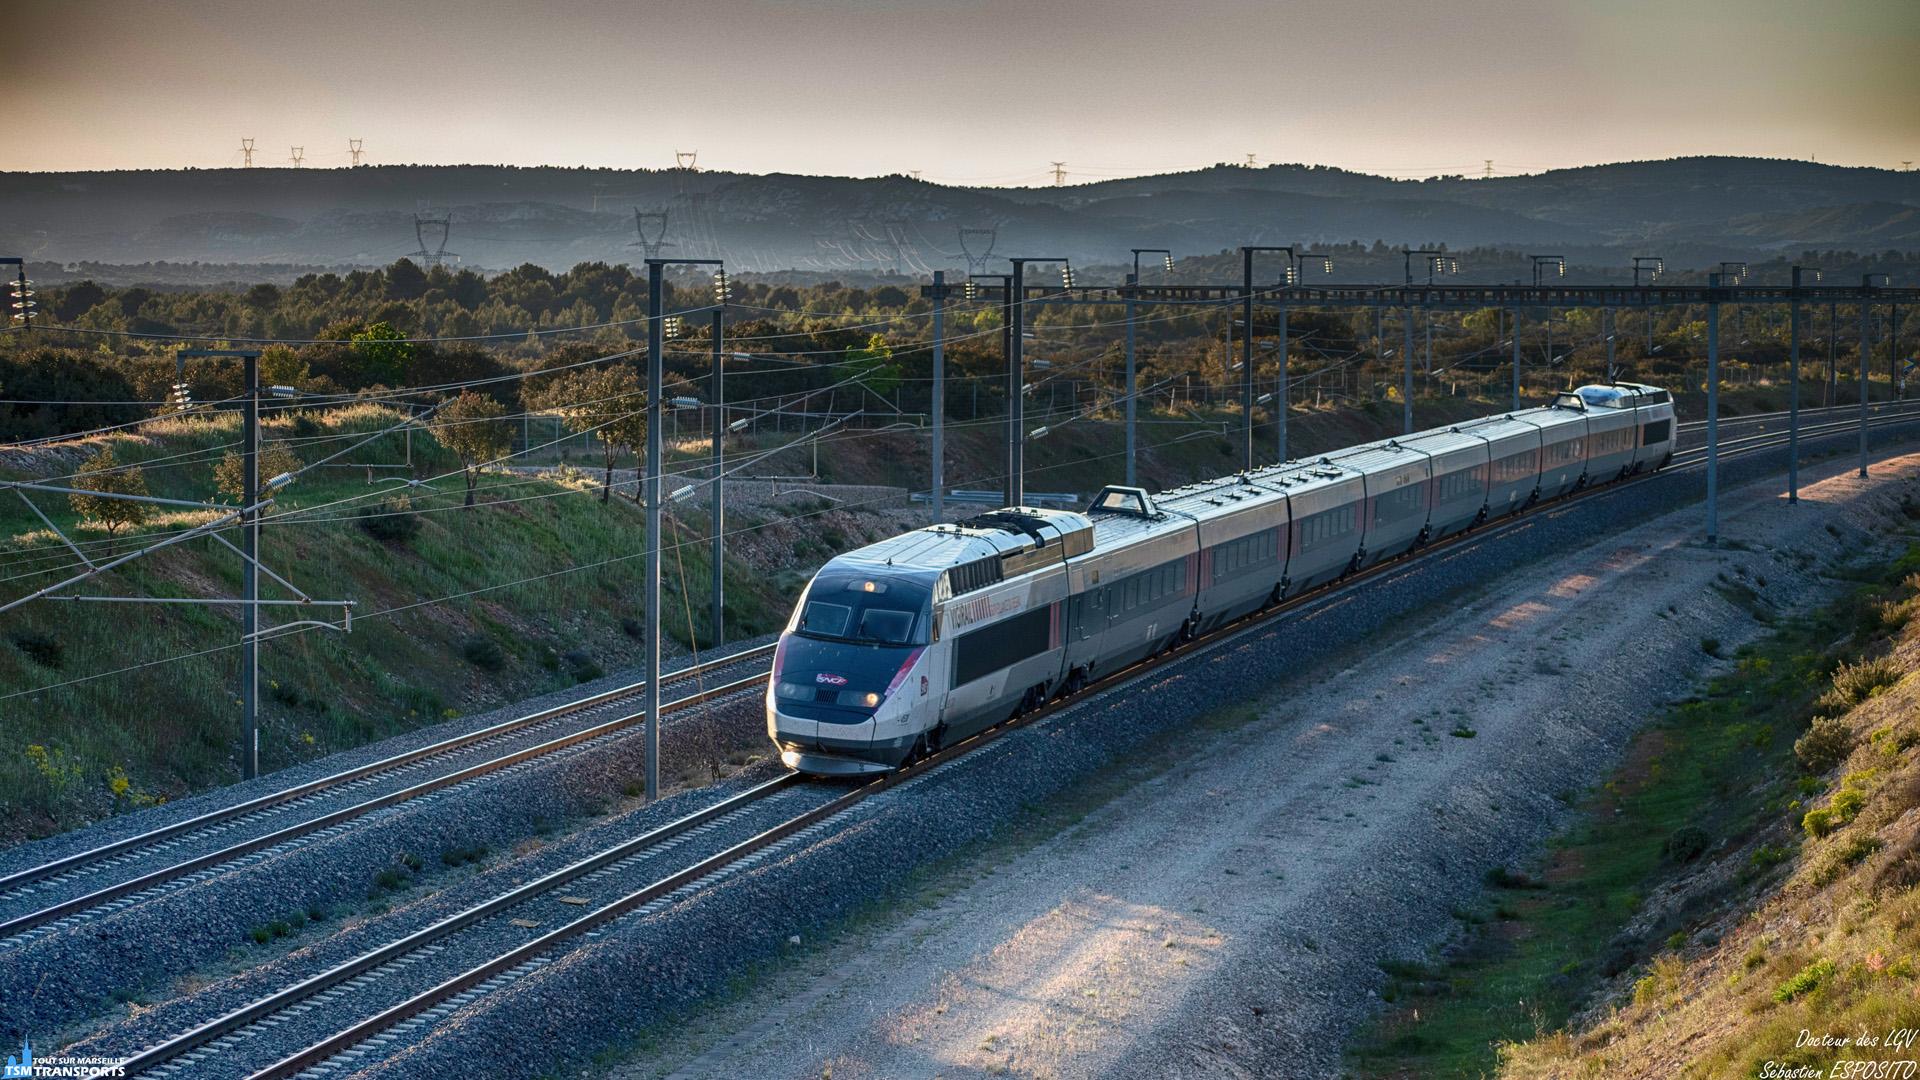 Passage impromptu du Vigirail ou Iris 320 pour les intimes, traversant La Barben, à environ 200 KM/h vers Marseille sur la LGV Méditerranée. . Alors que je débarque sur un nouveau spot idéalement exposé de part la disposition des poteaux de caténaires, je suis resté qu'une dizaine de minutes dans l'attente d'un TGV, finalement récompensé par l'inattendu vigirail. . ℹ️ GEC Alsthom TGV Tricourant n°4530 SNCF Réseau Iris 320. . 📍 D67E, 13330 La Barben, PK 680 LGV Méditerranée. . ➡️ ~ Marseille. . 📸 Nikon D5600. . 📷 Nikkor 70-300mm. . 📅 29 Avril 2019 à 19:56. . 👨 Sébastien ESPOSITO.